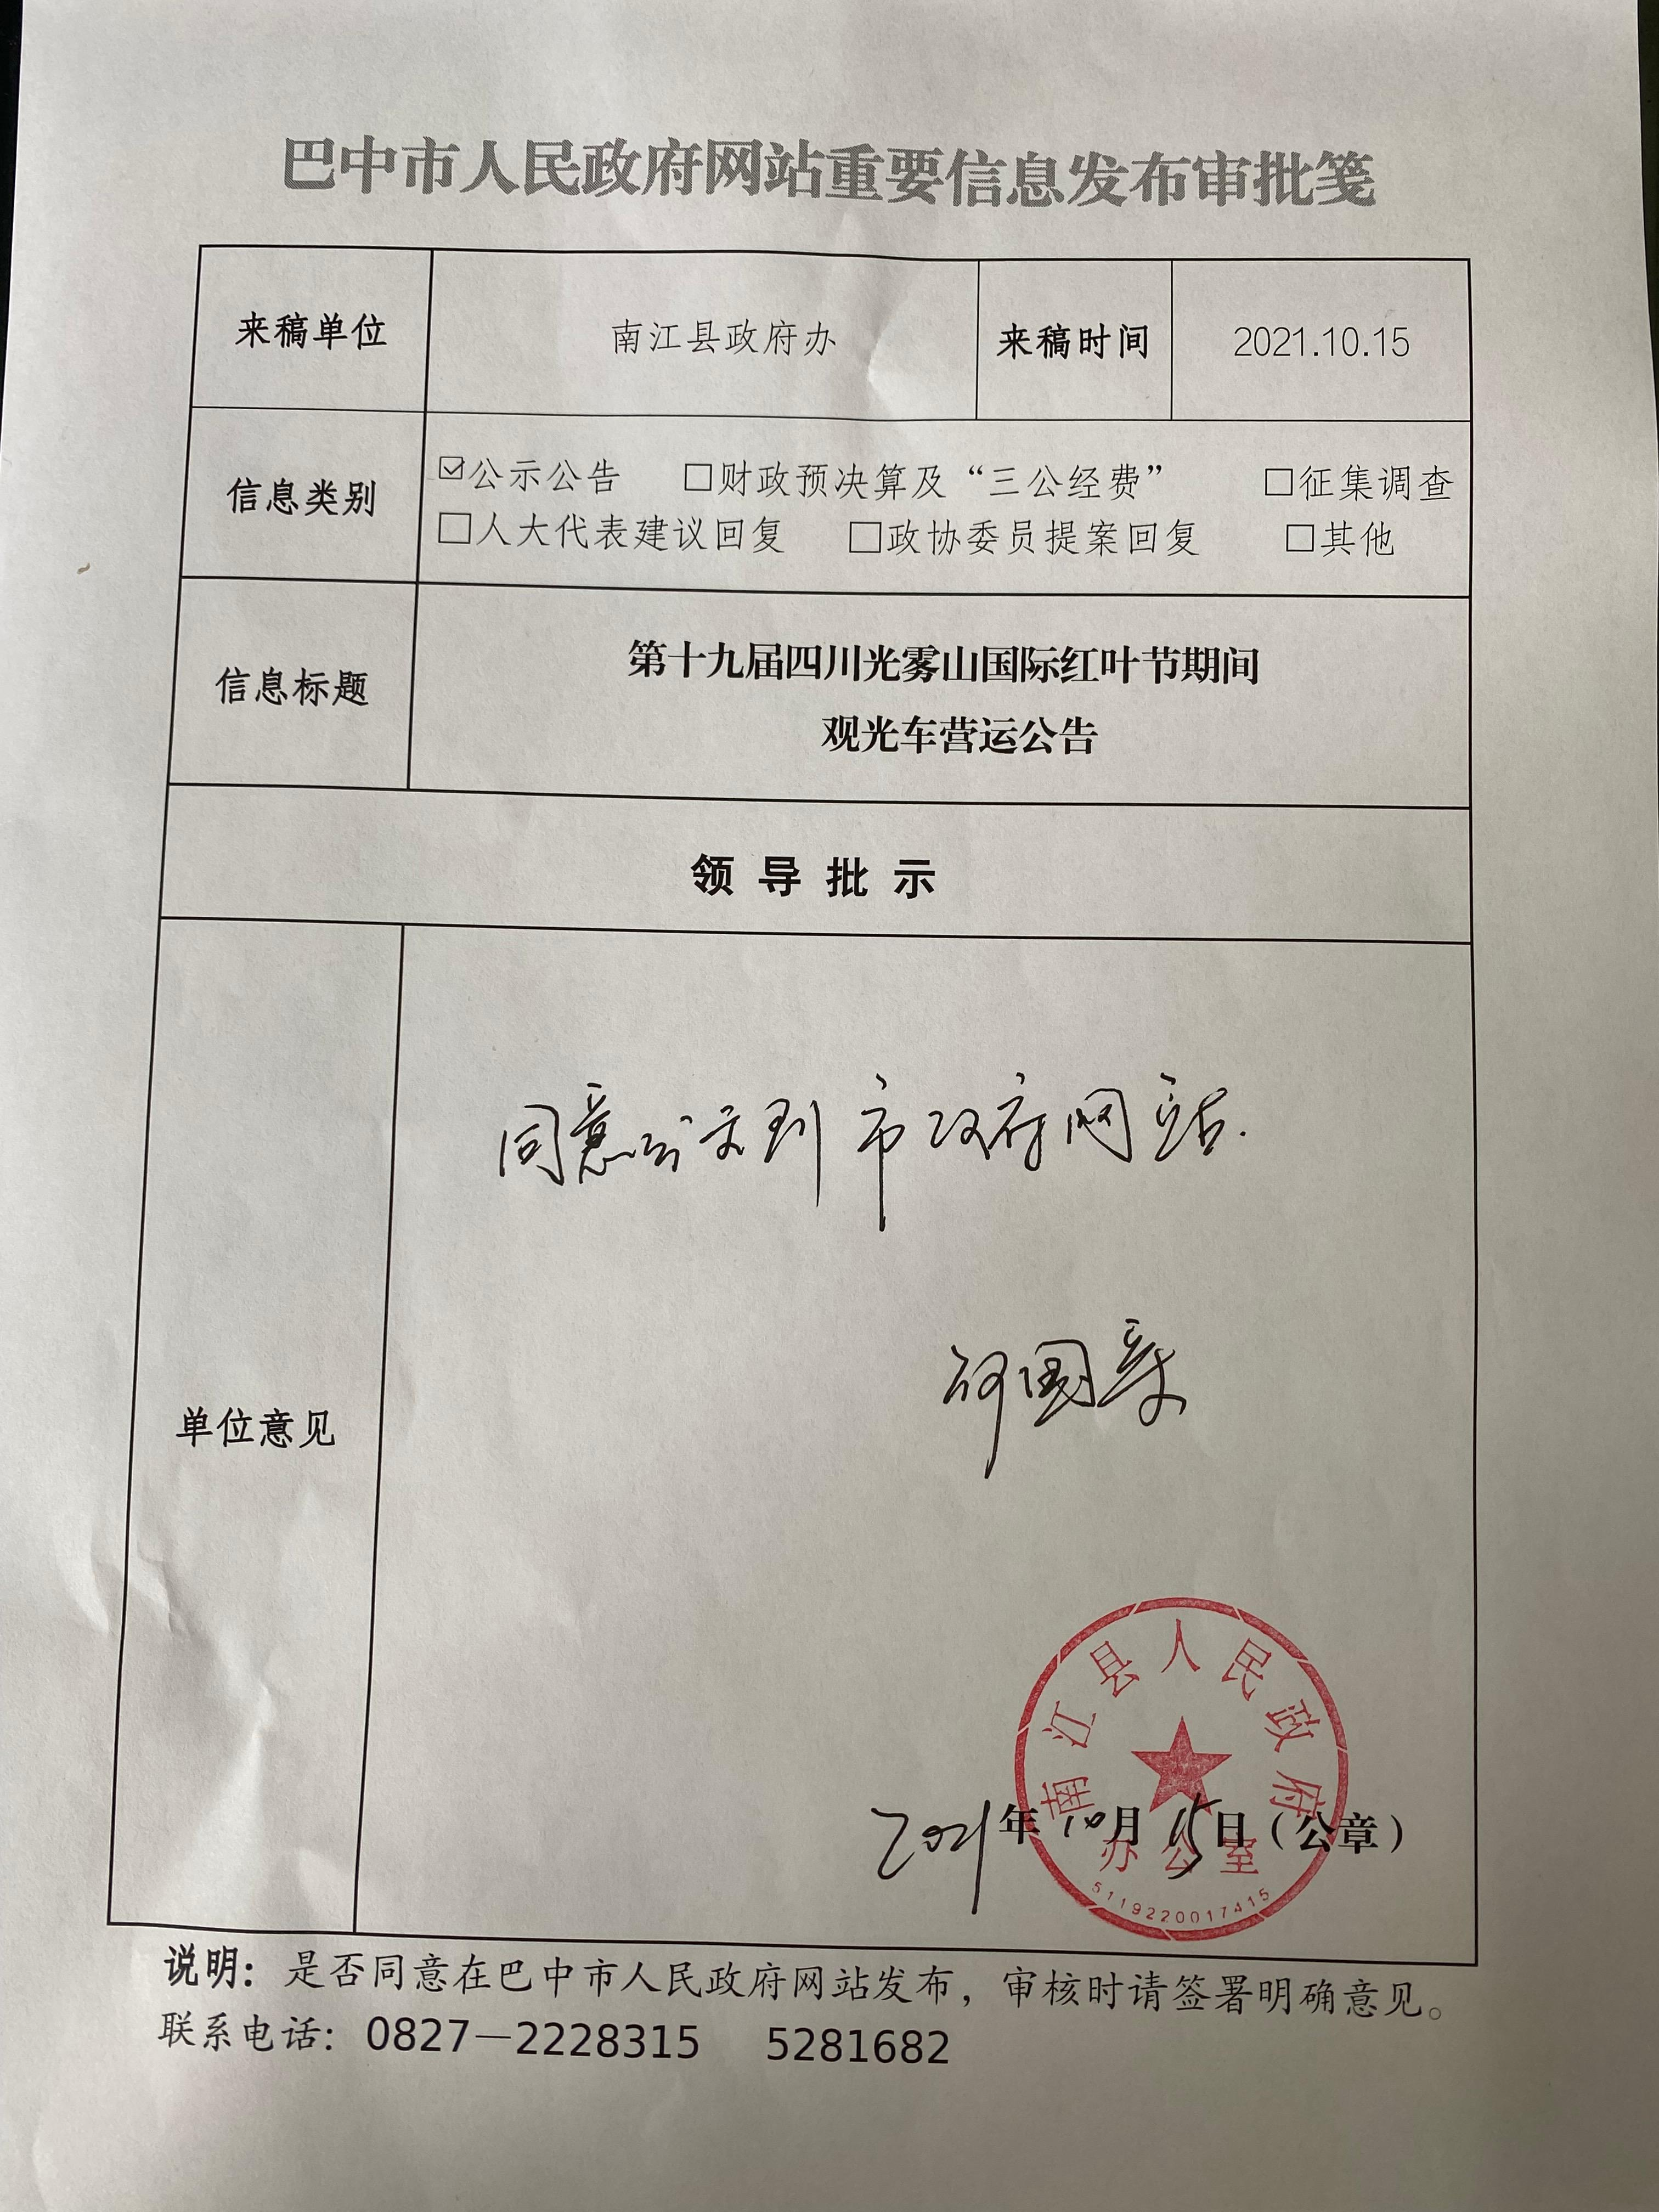 第十九届四川光雾山国际红叶节期间观光车营运公告